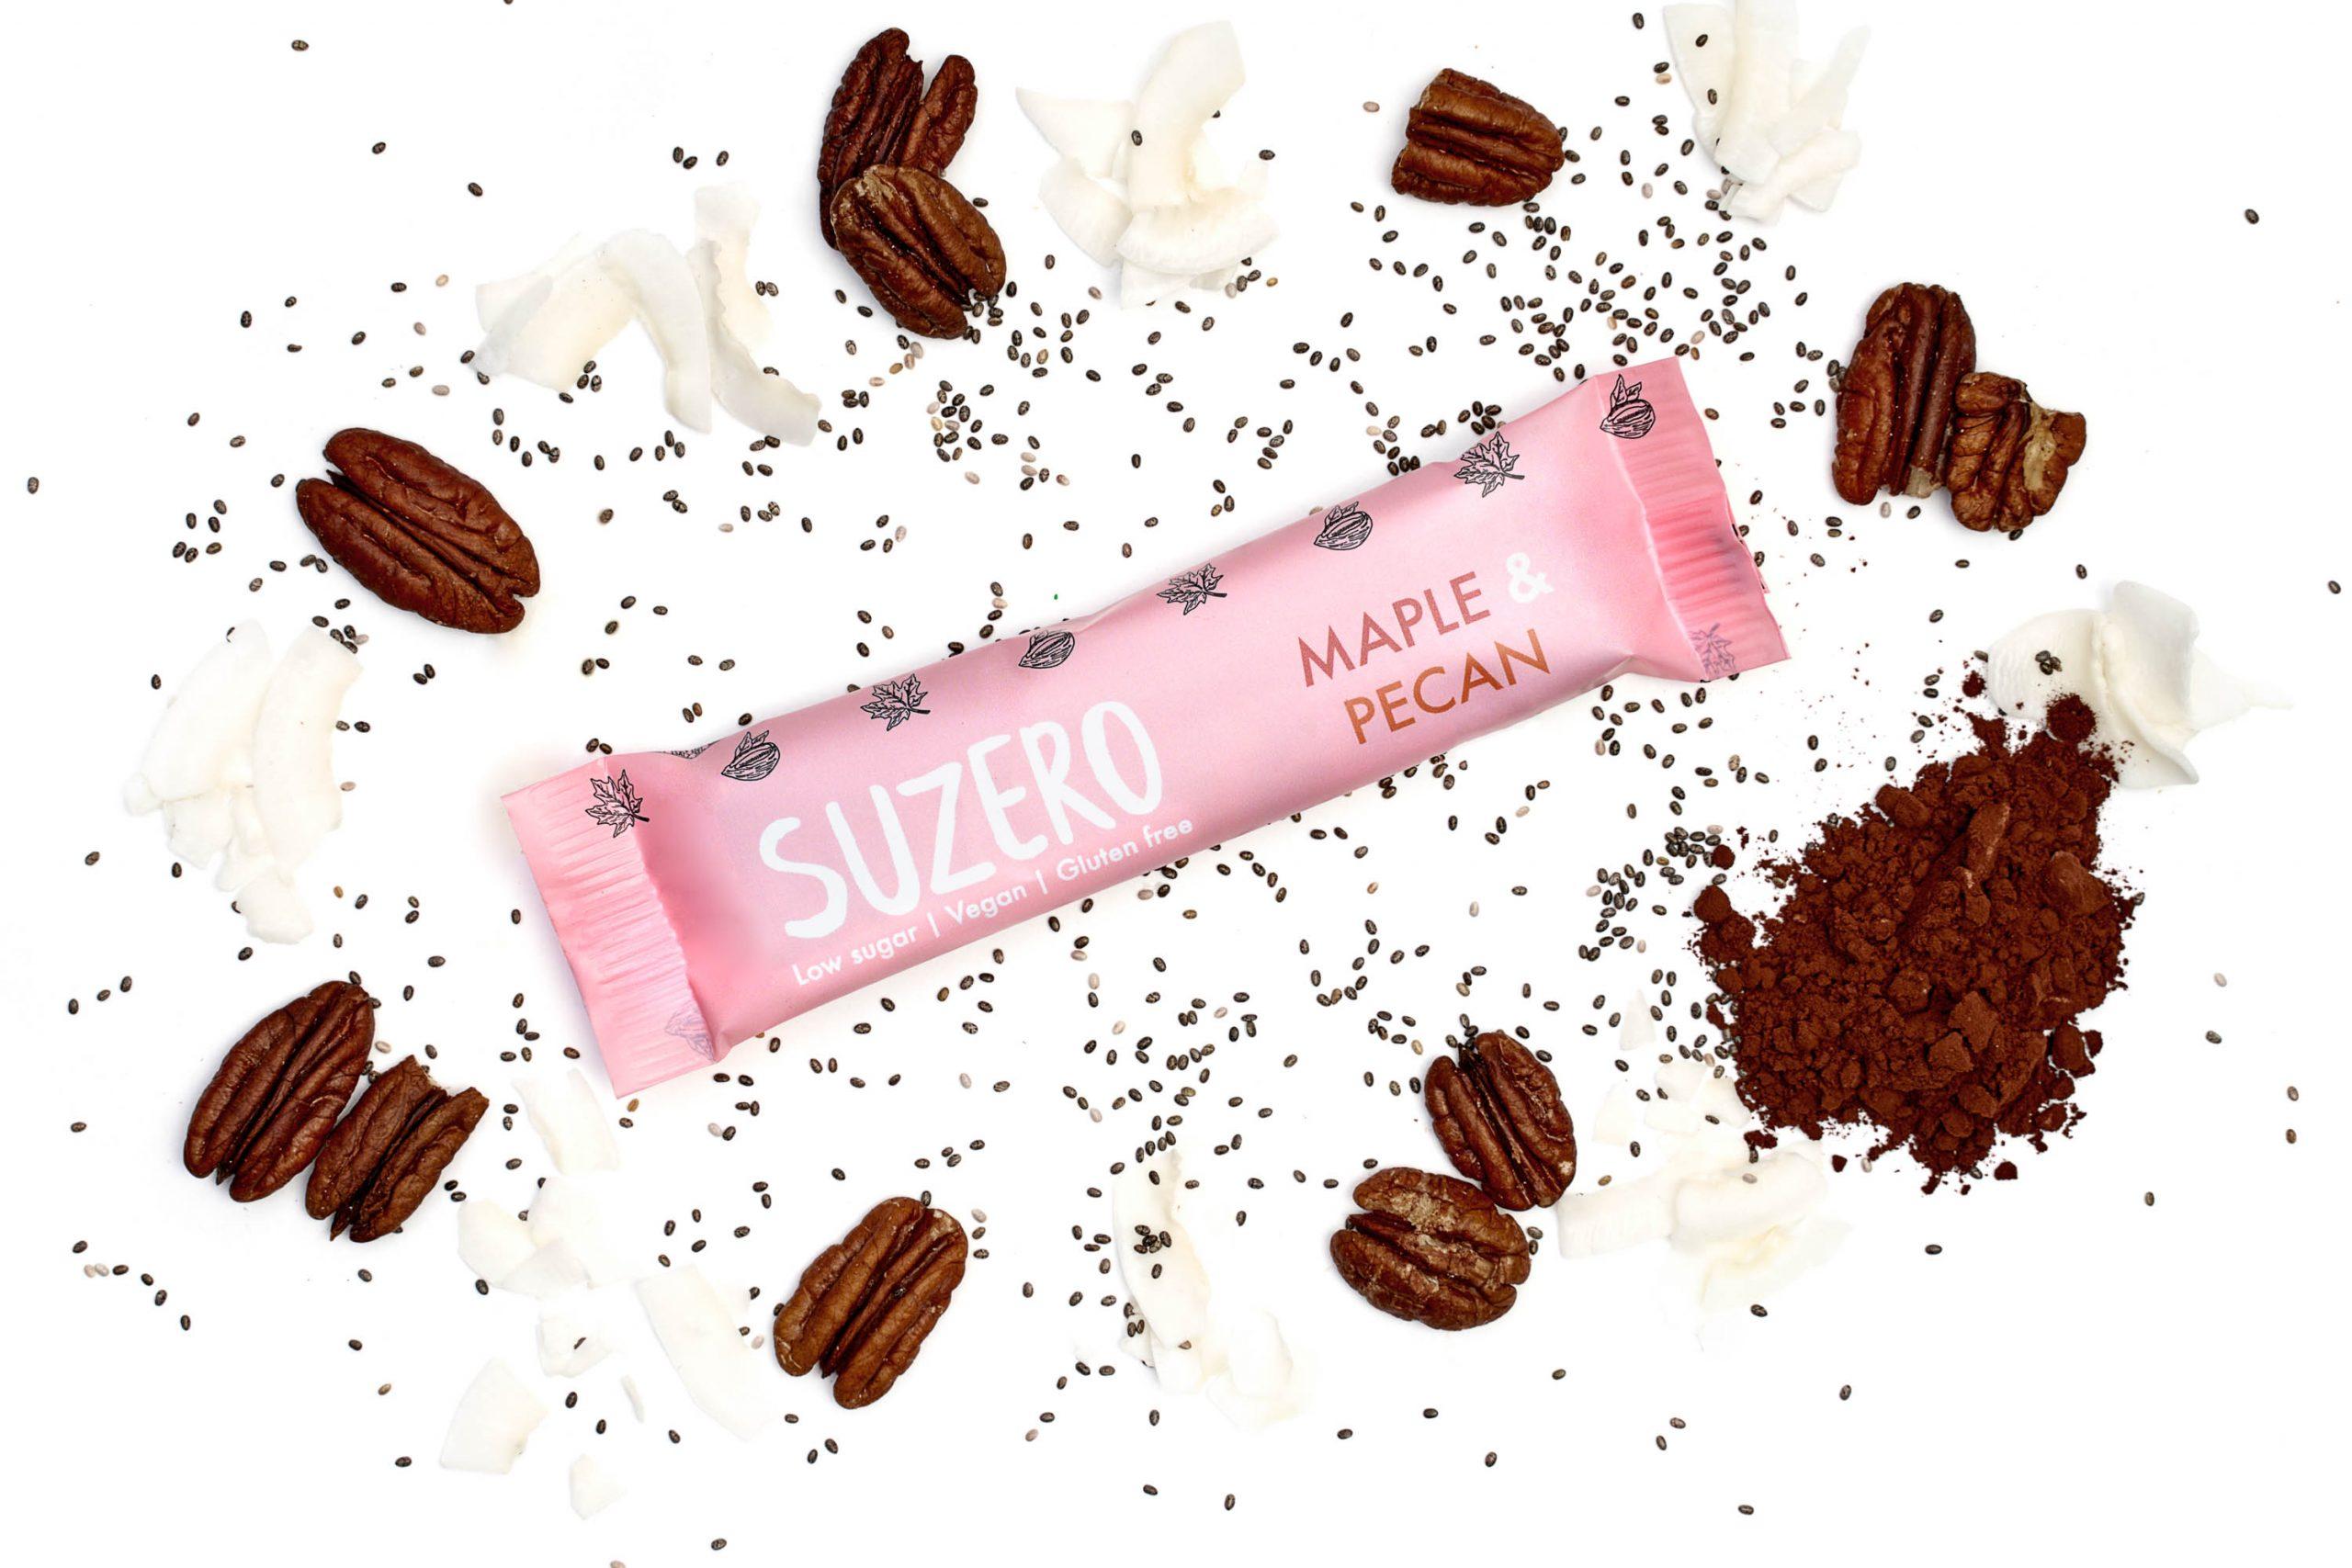 Suzero Bars